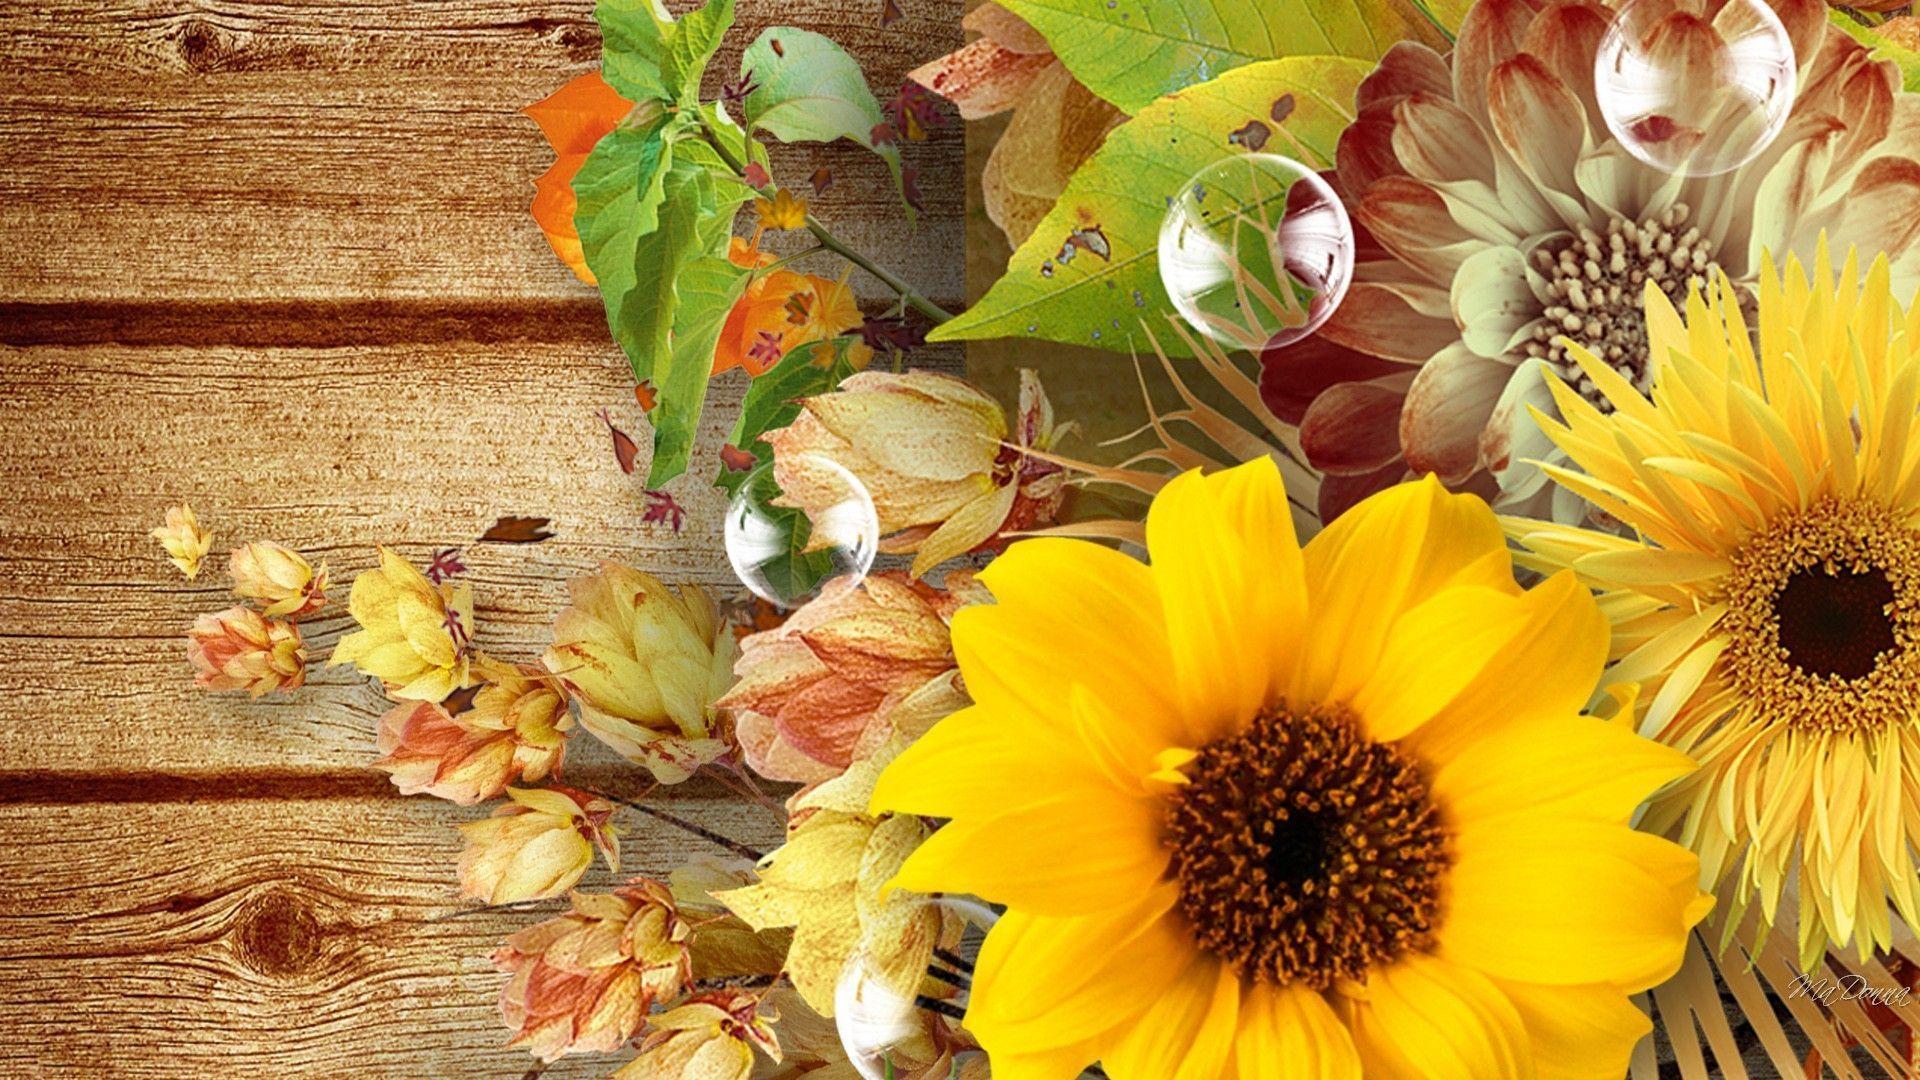 Autumn Sunflower Wallpapers Top Free Autumn Sunflower Backgrounds Wallpaperaccess